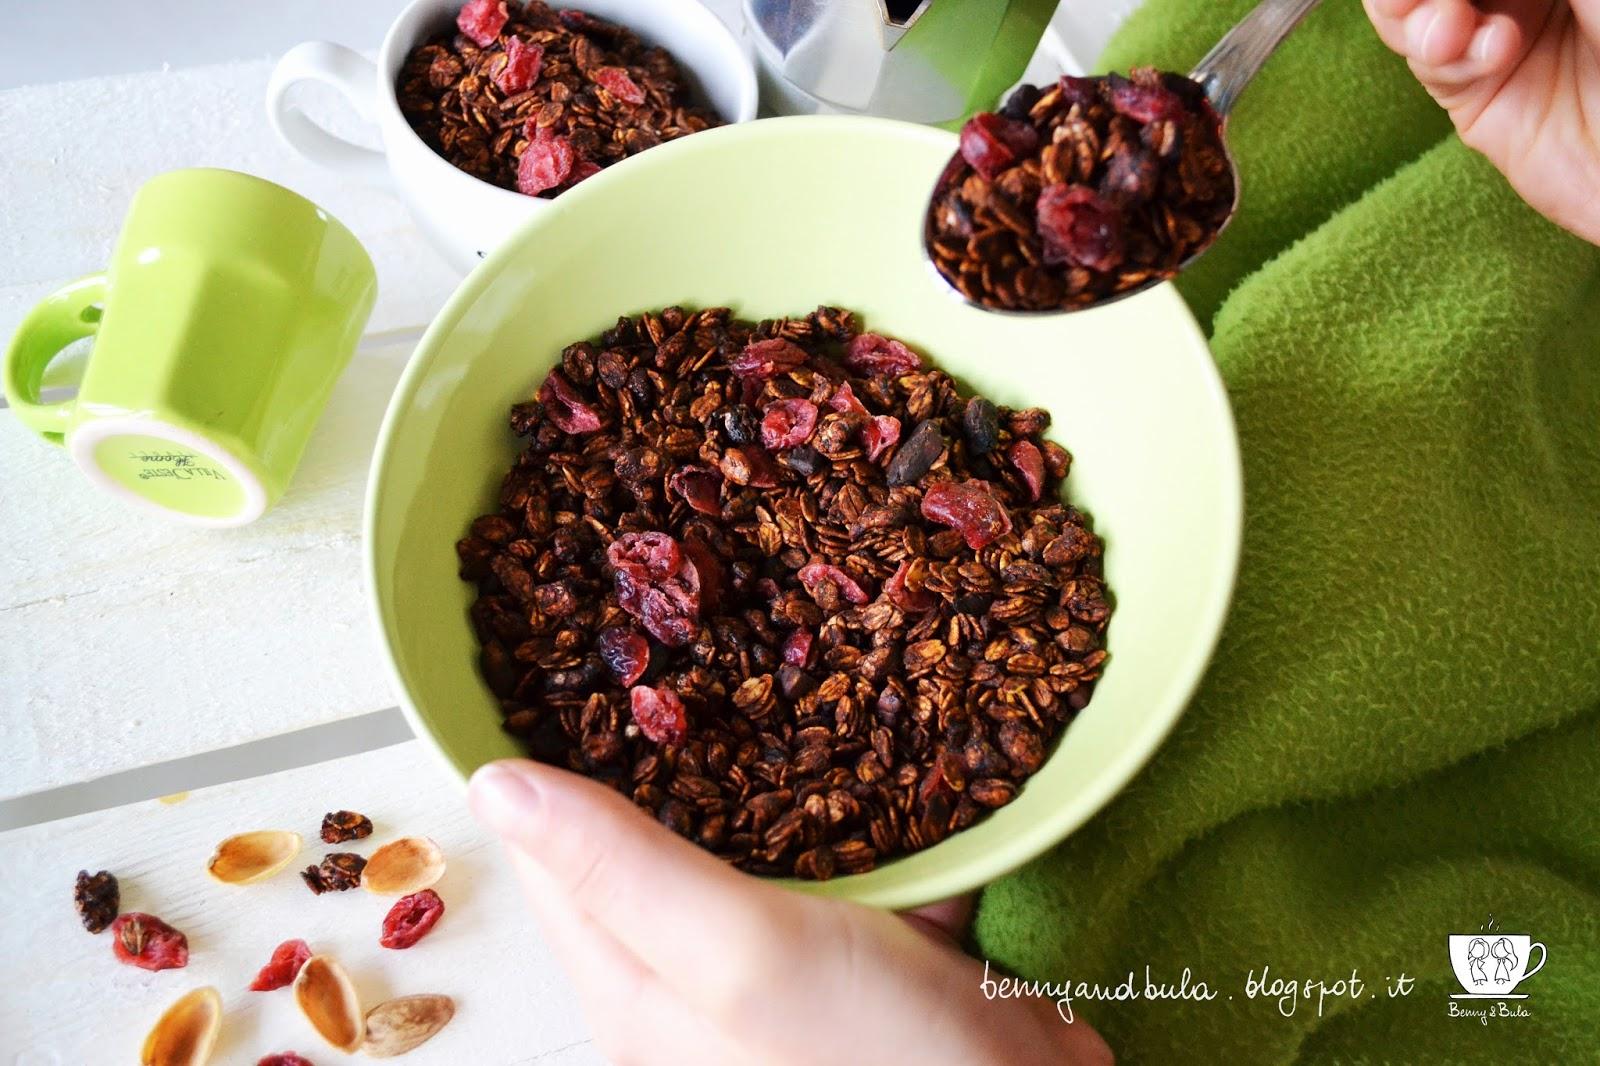 ricetta granola con cacao pistacchi e mirtilli/ homemade granola with cocoa pistachio and berries recipe